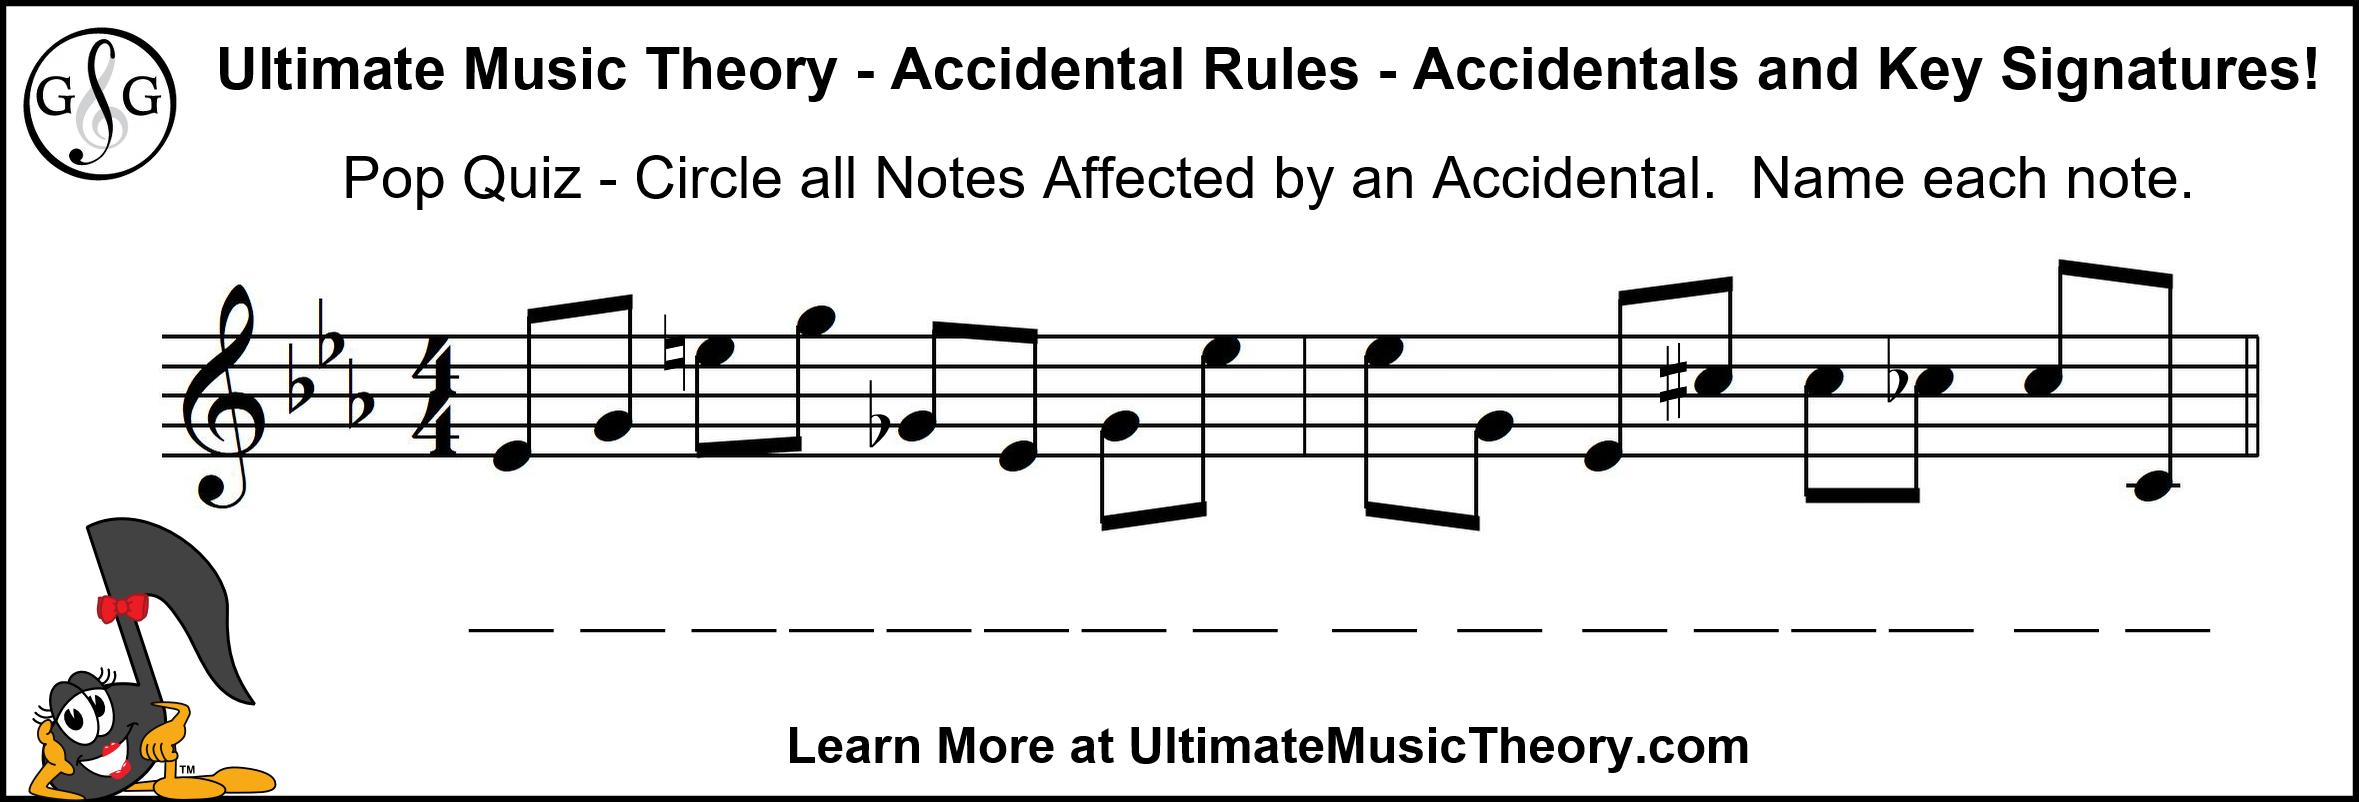 UMT Accidentals and Key Signatures Pop Quiz